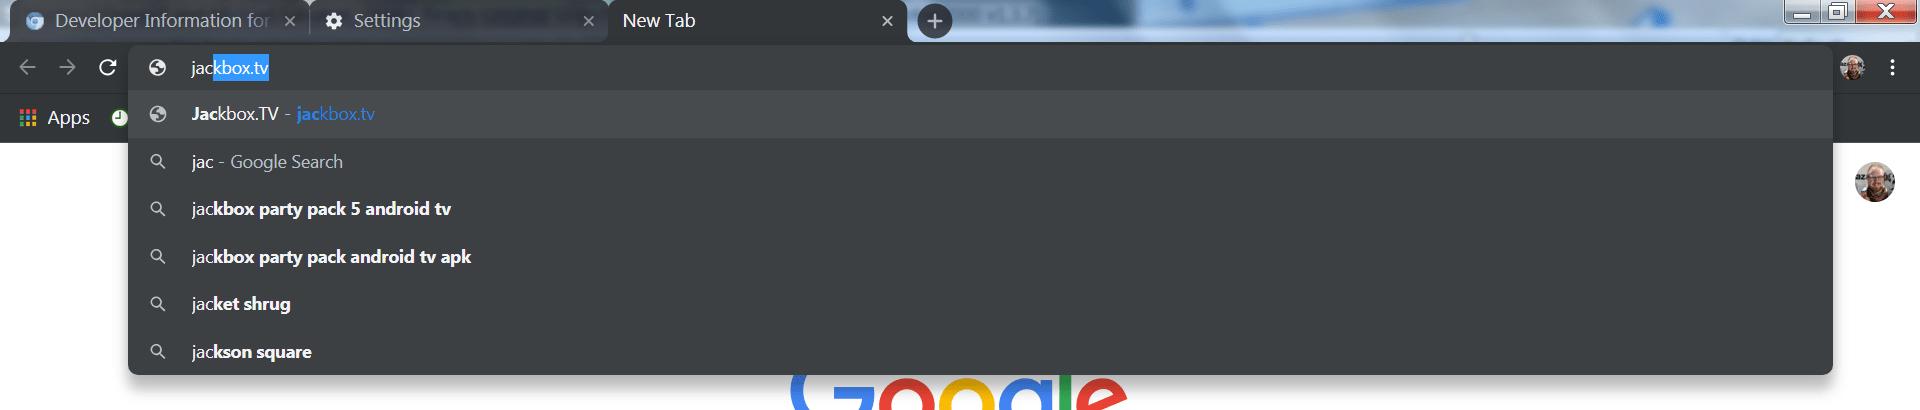 Come abilitare la Dark Mode su Google Chrome per Windows 1